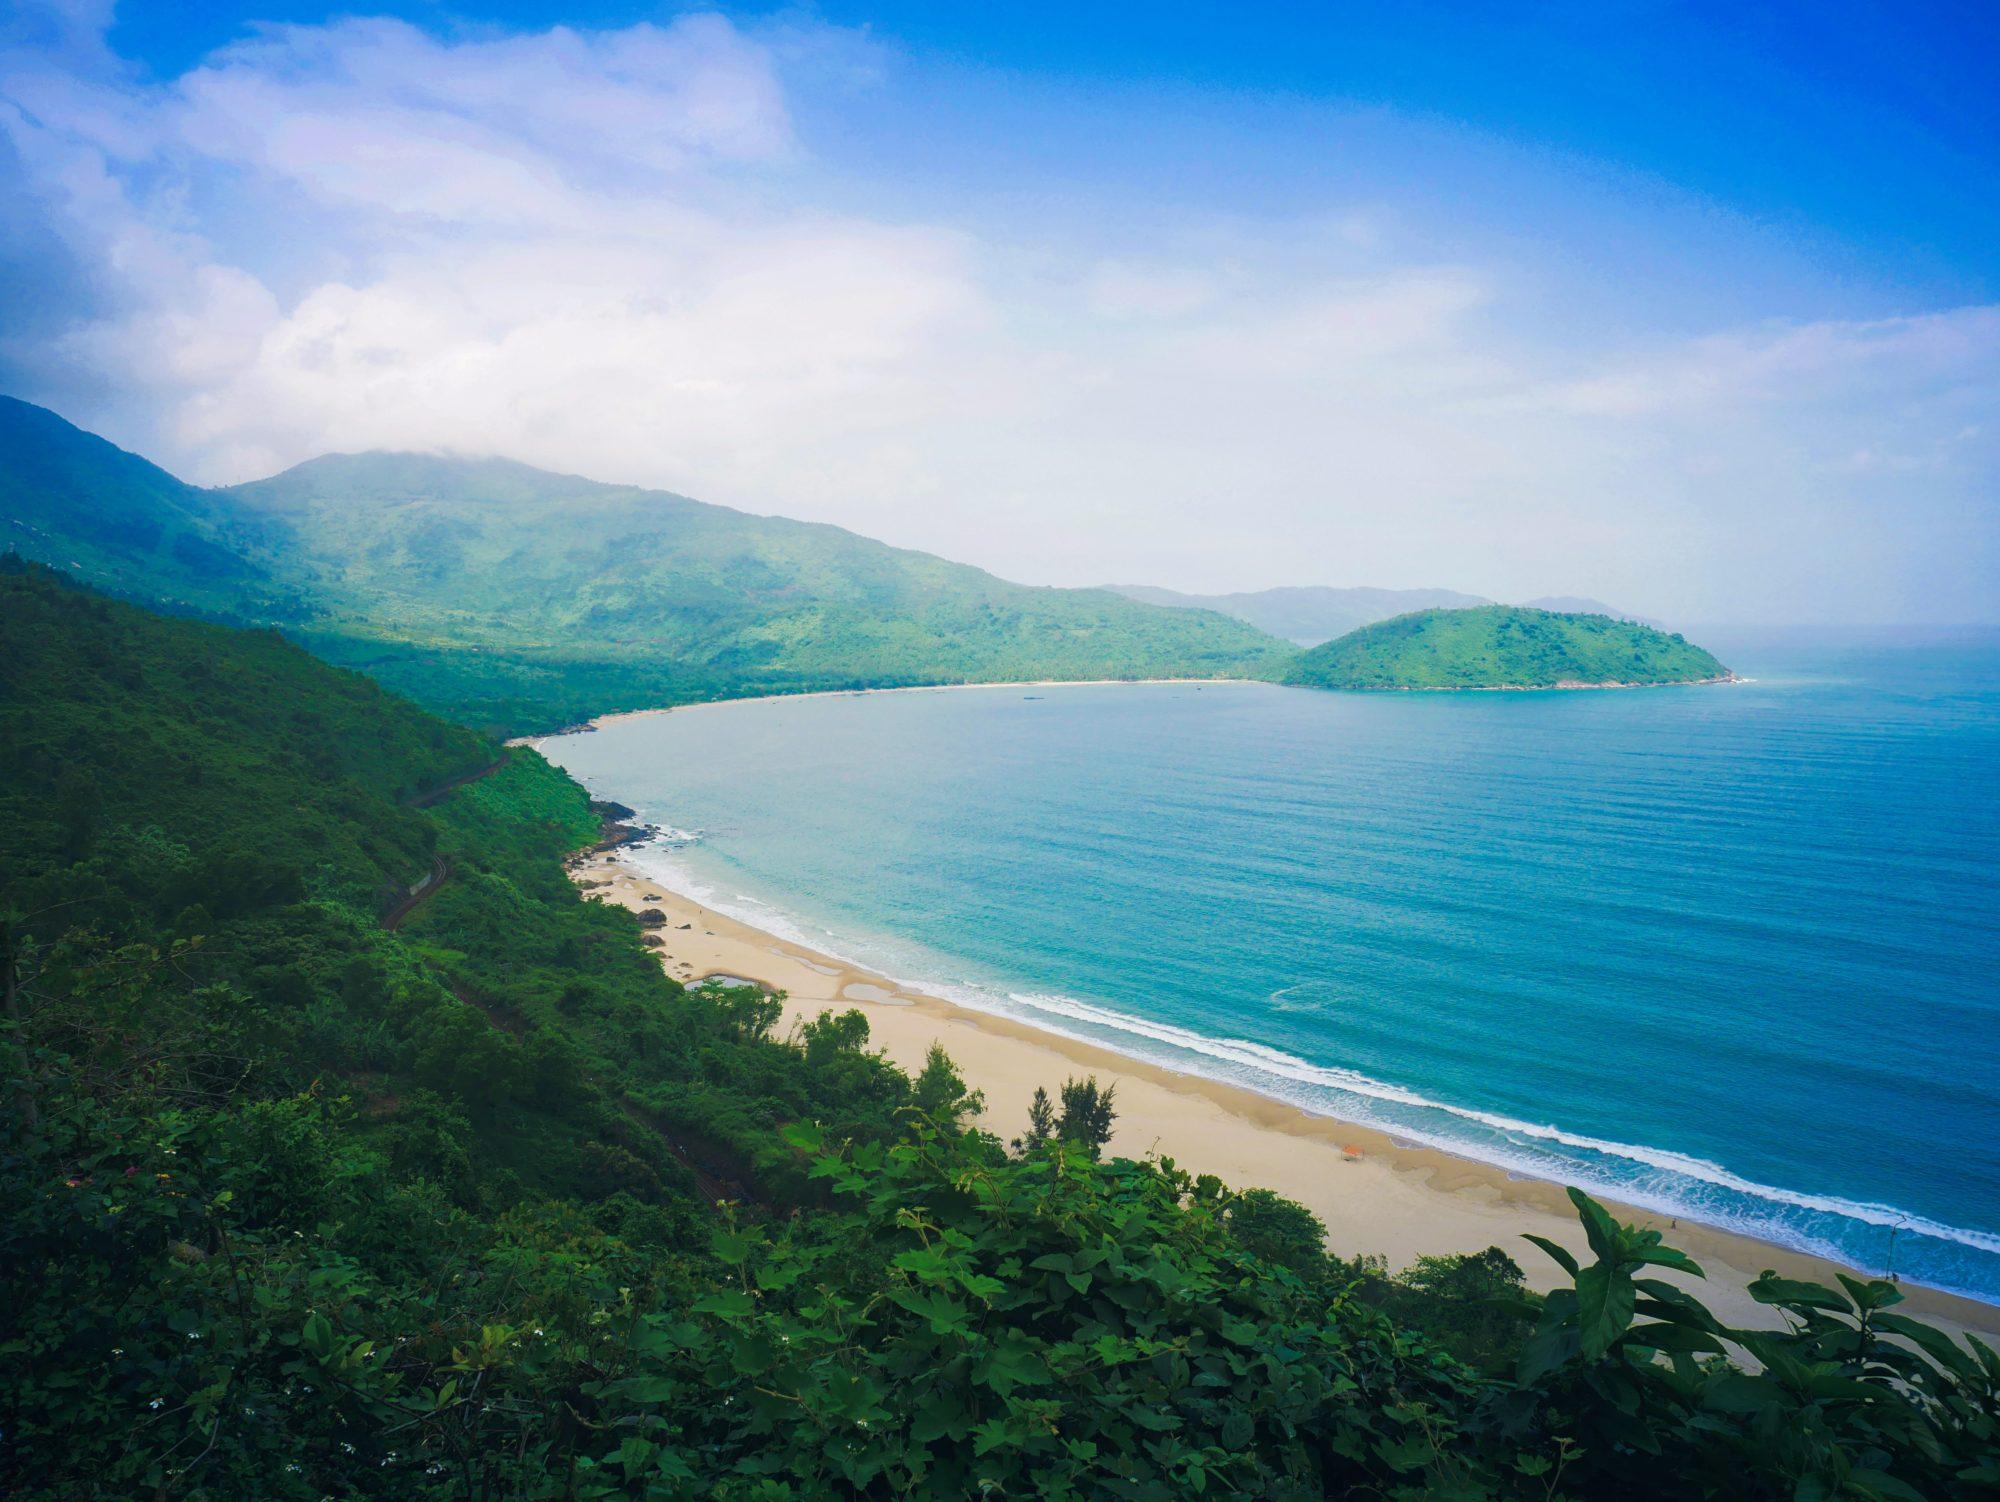 Beach in the Thai Islands